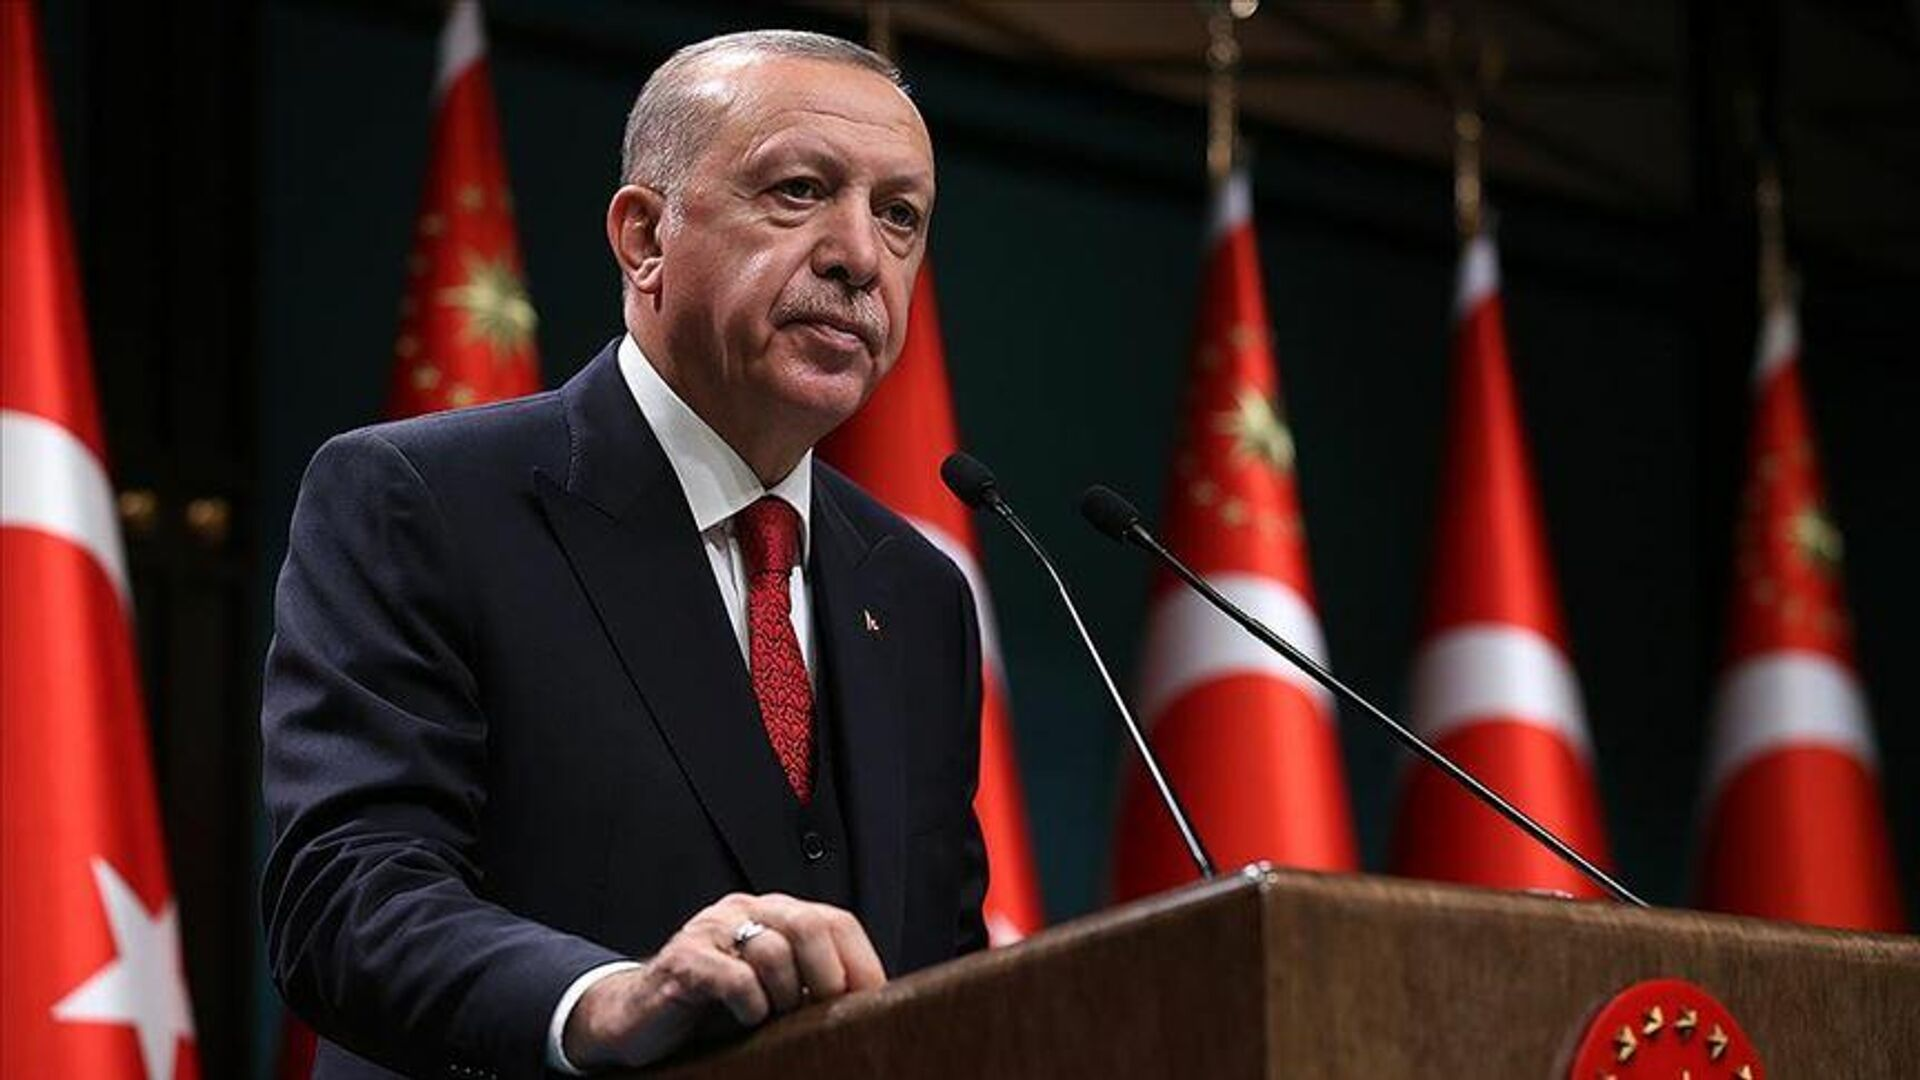 Cumhurbaşkanı Recep Tayyip Erdoğan - Sputnik Türkiye, 1920, 20.09.2021